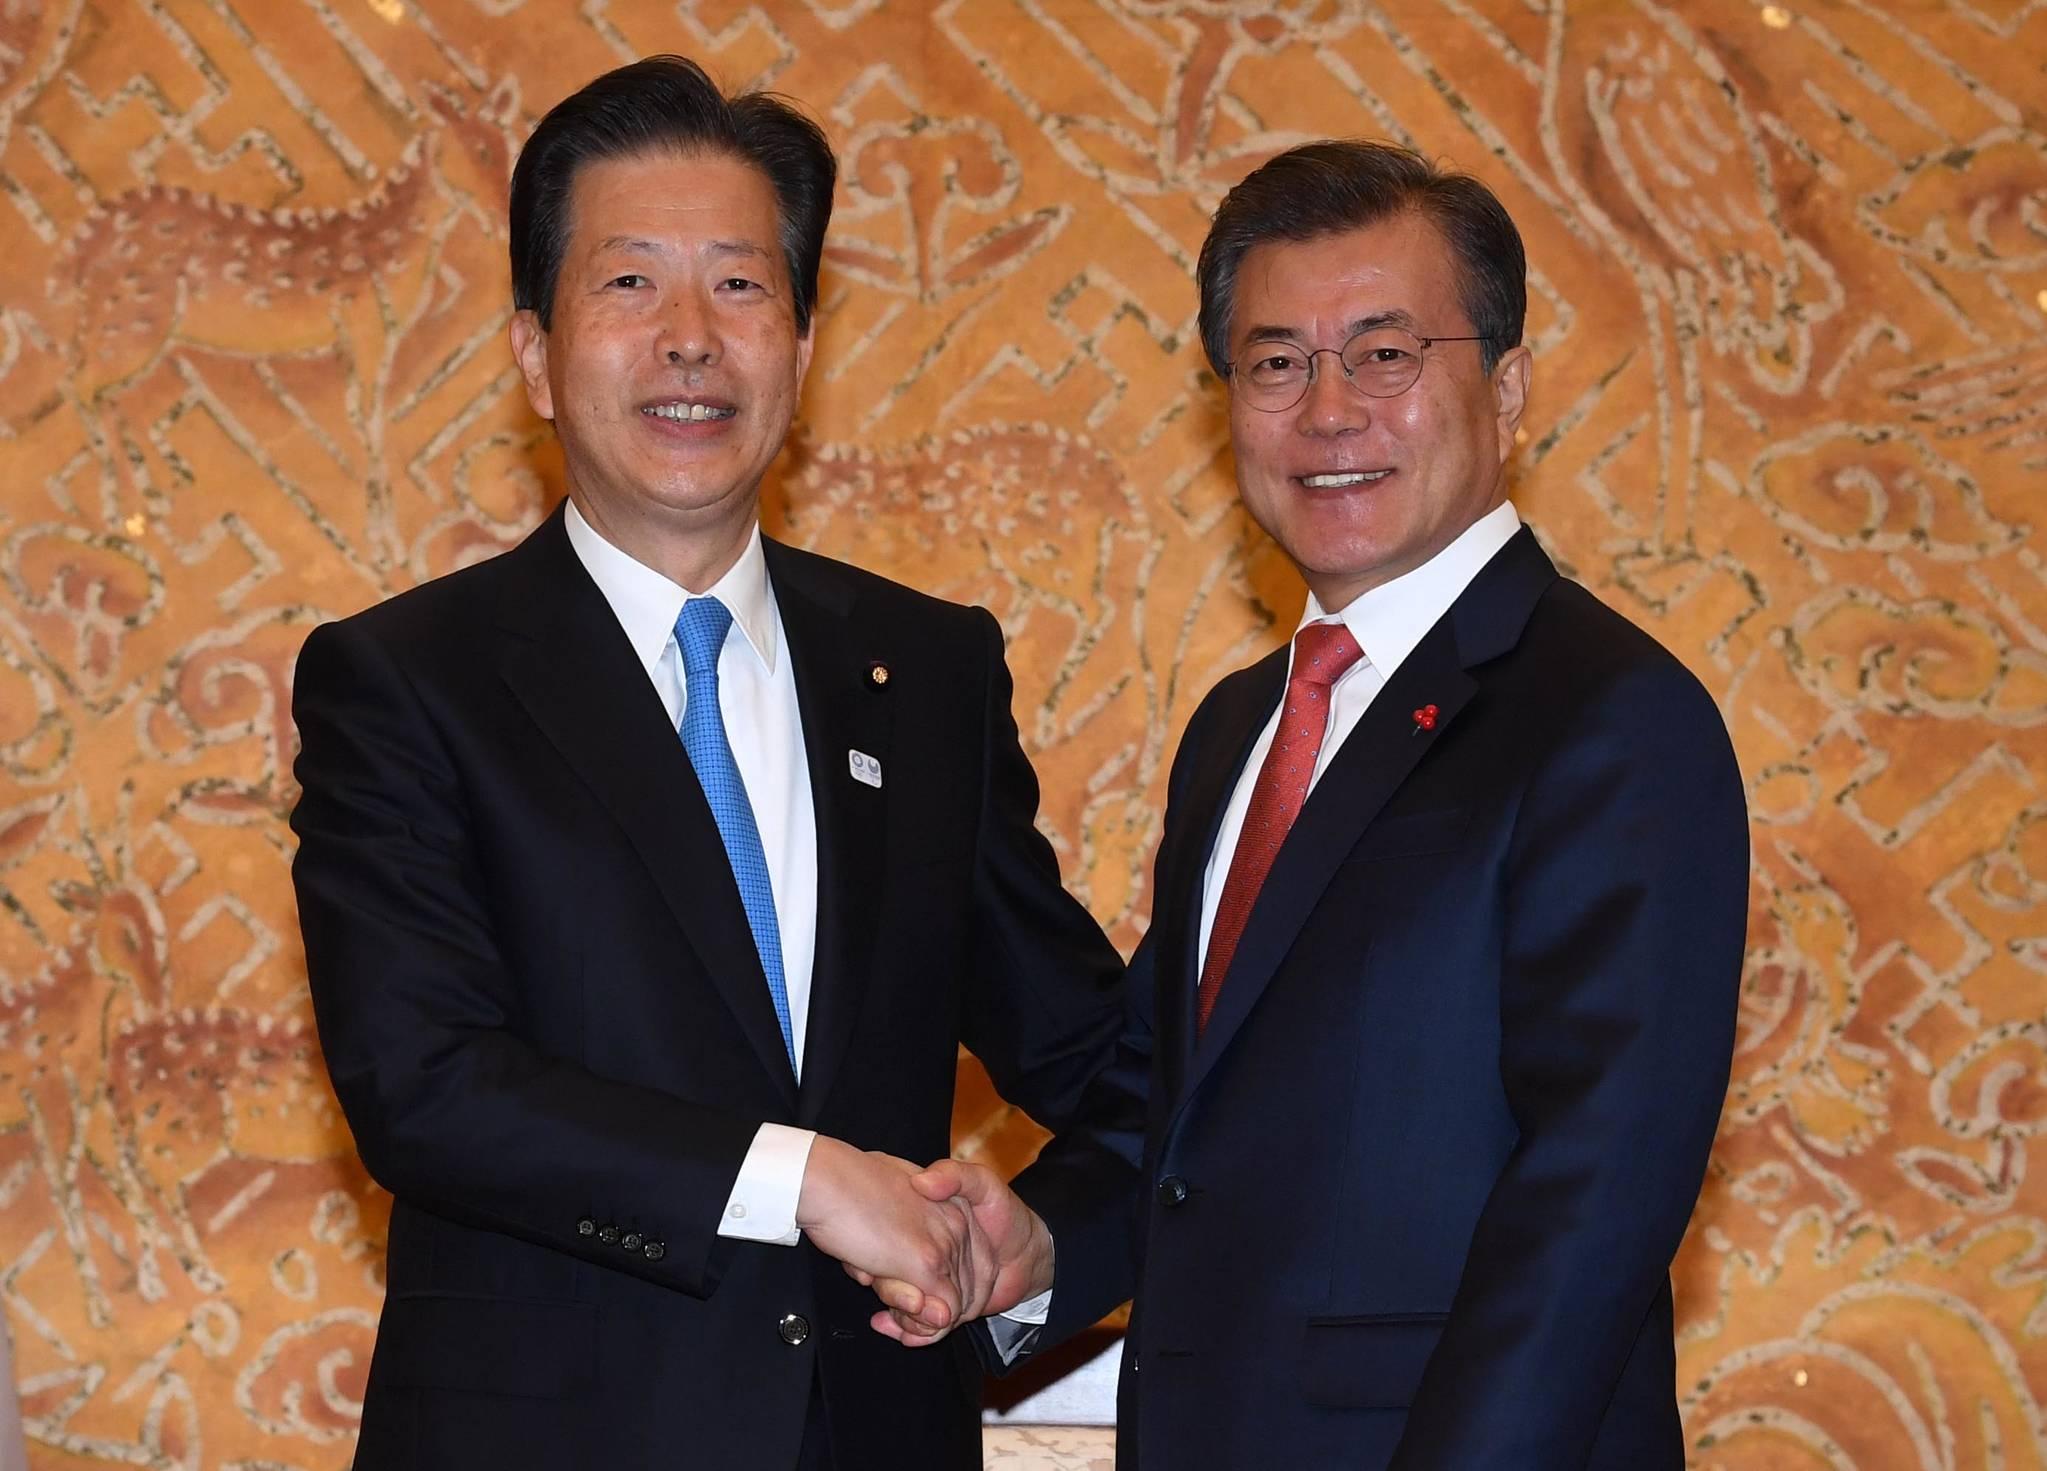 문재인 대통령이 23일 청와대에서 일본 연립여당인 공명당의 야마구치 나쓰오(山口那津男)를 접견하며 악수를 하고 있다. 청와대사진기자단